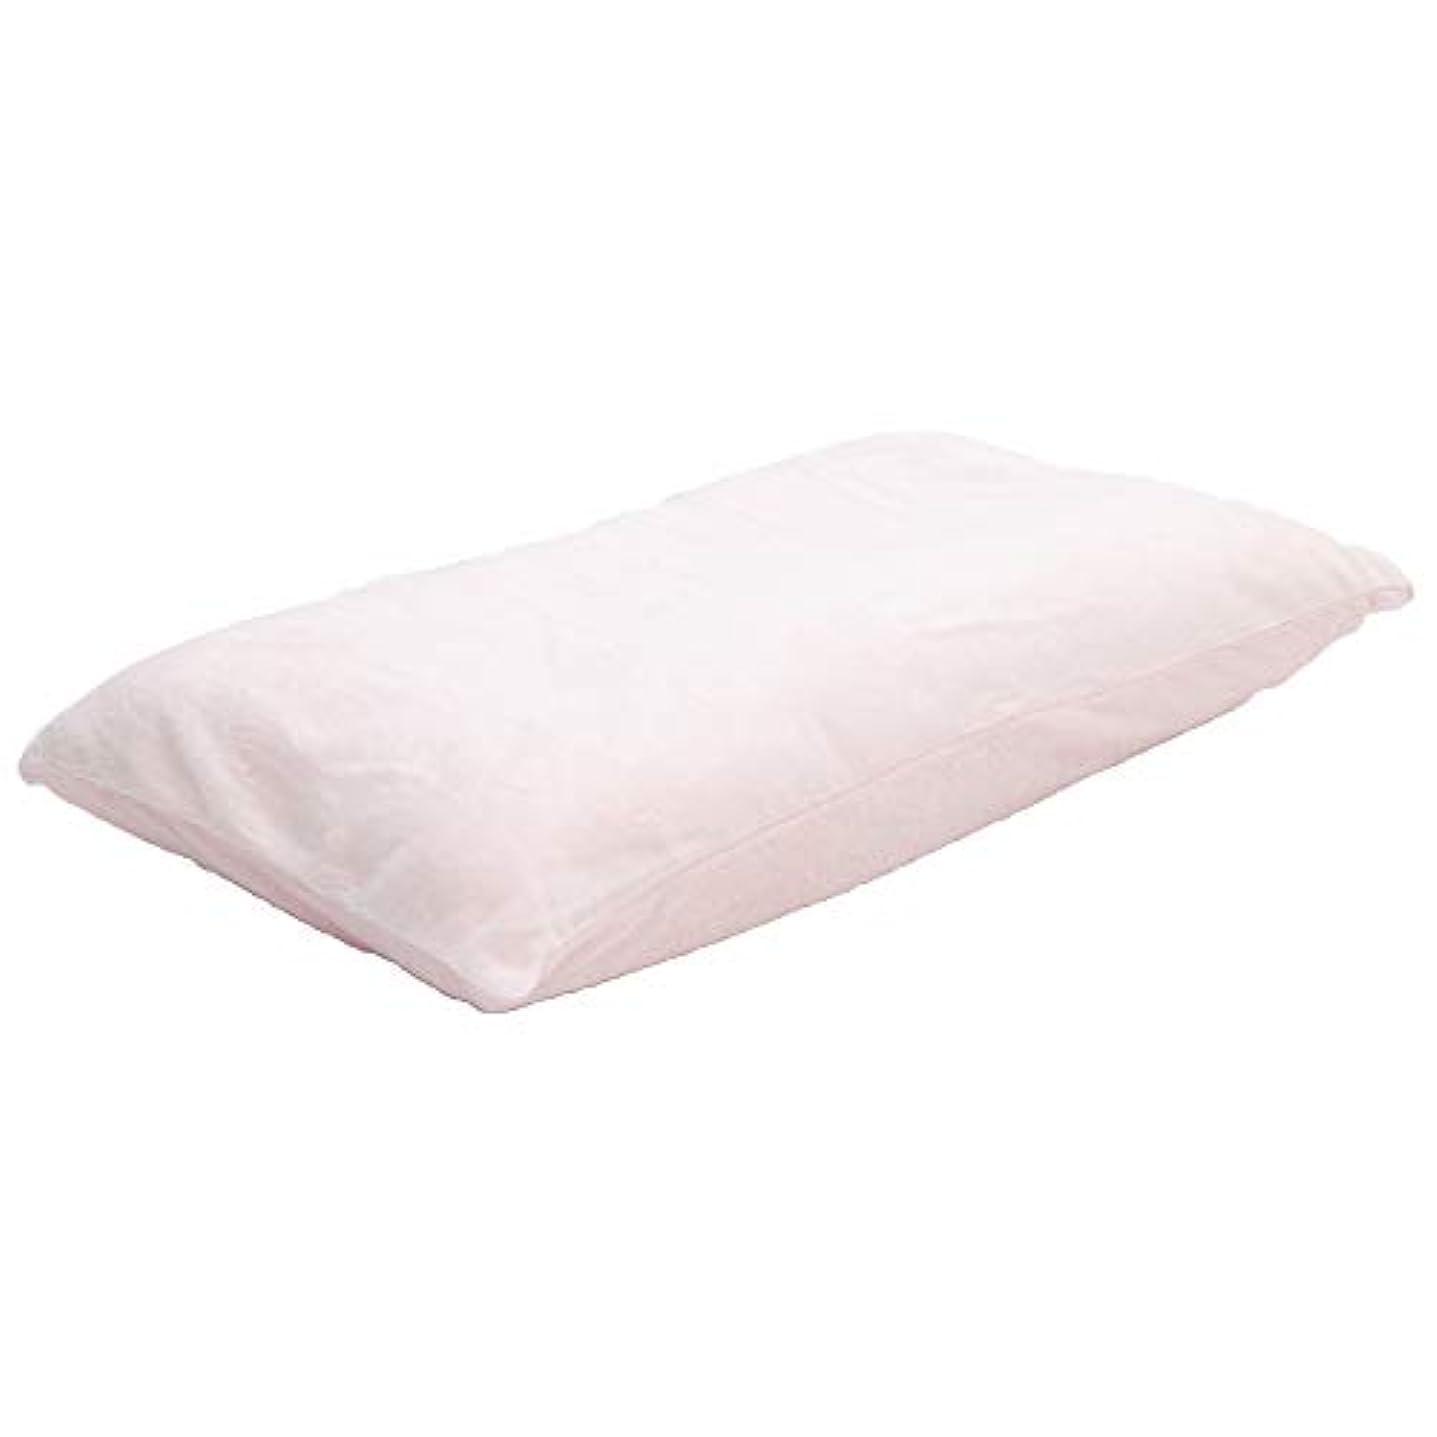 プリーツ荒廃する持っているゆったりリッチ 低反発チップリバーシブル枕 ワイドサイズ 専用洗えるカバー付き 2人で使える ロング 大きい 夫婦 ファミリー 抱き枕 ゆったり 40X70cm PK